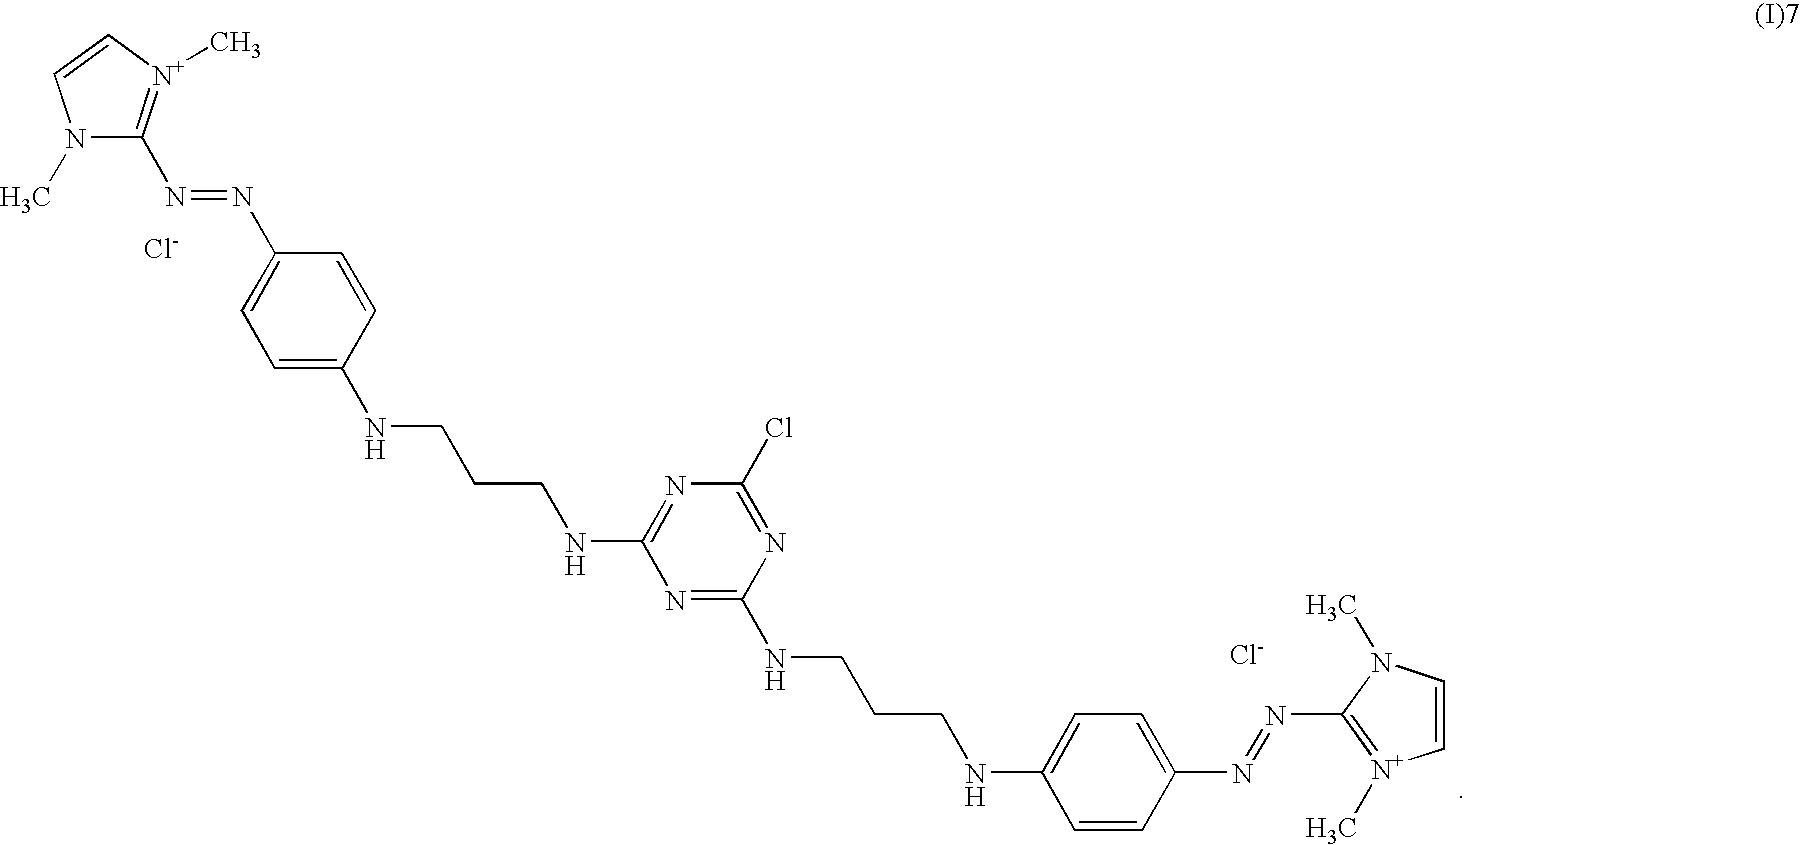 Figure US07189266-20070313-C00046